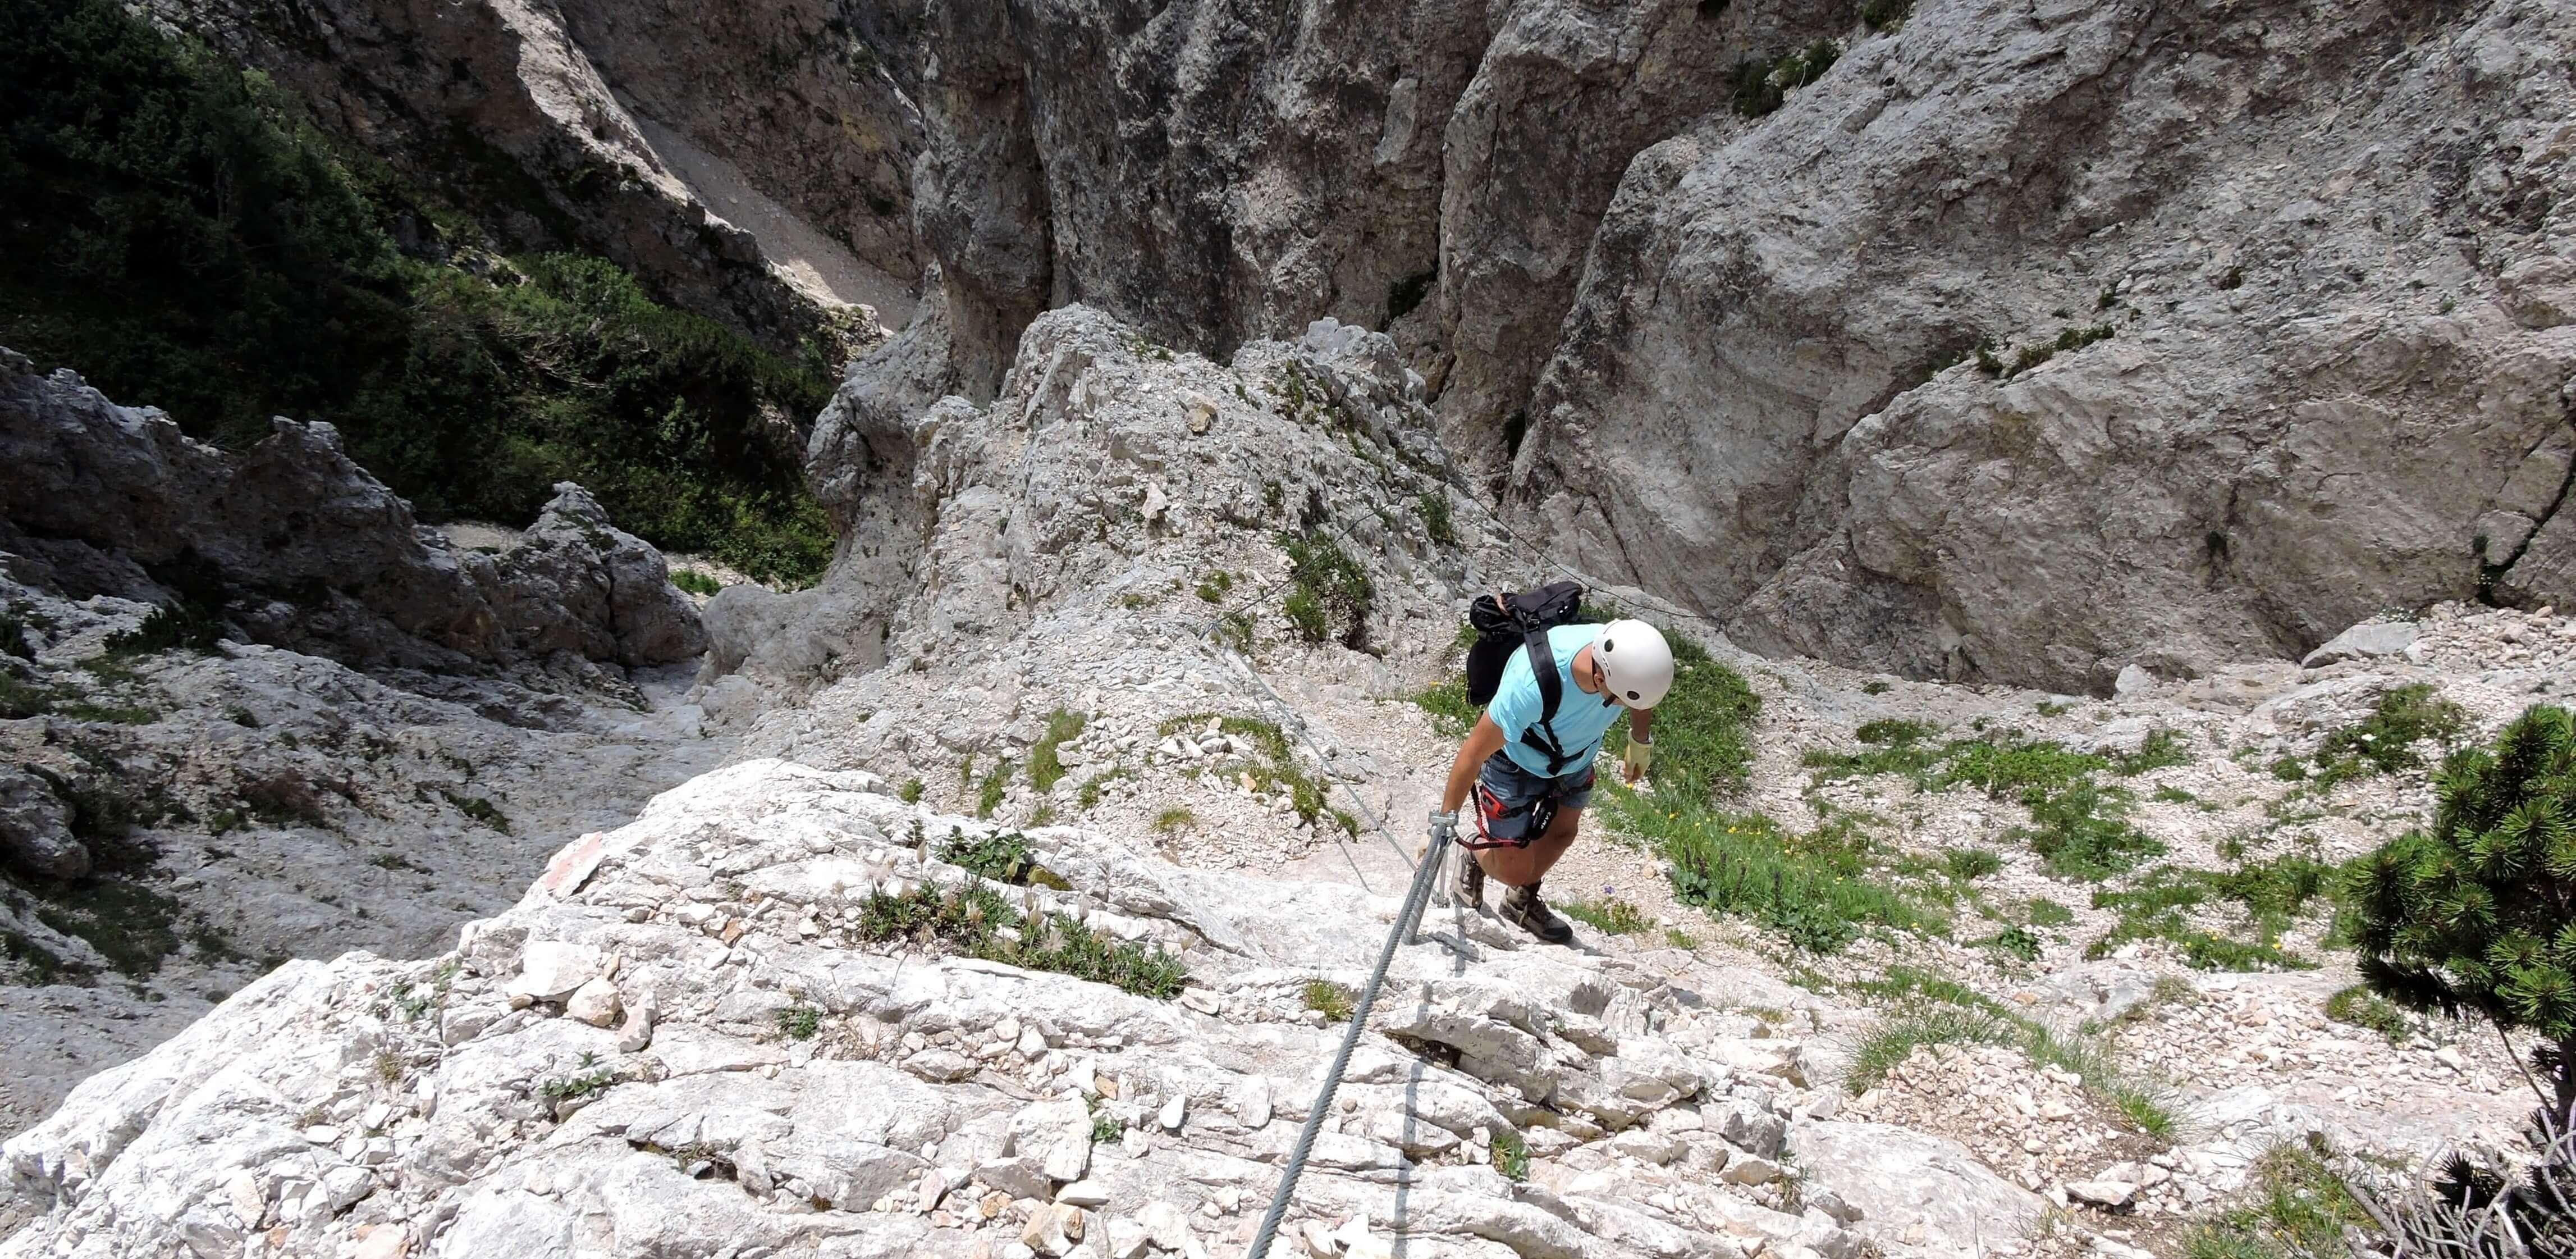 Einführung in die Welt der Klettersteige